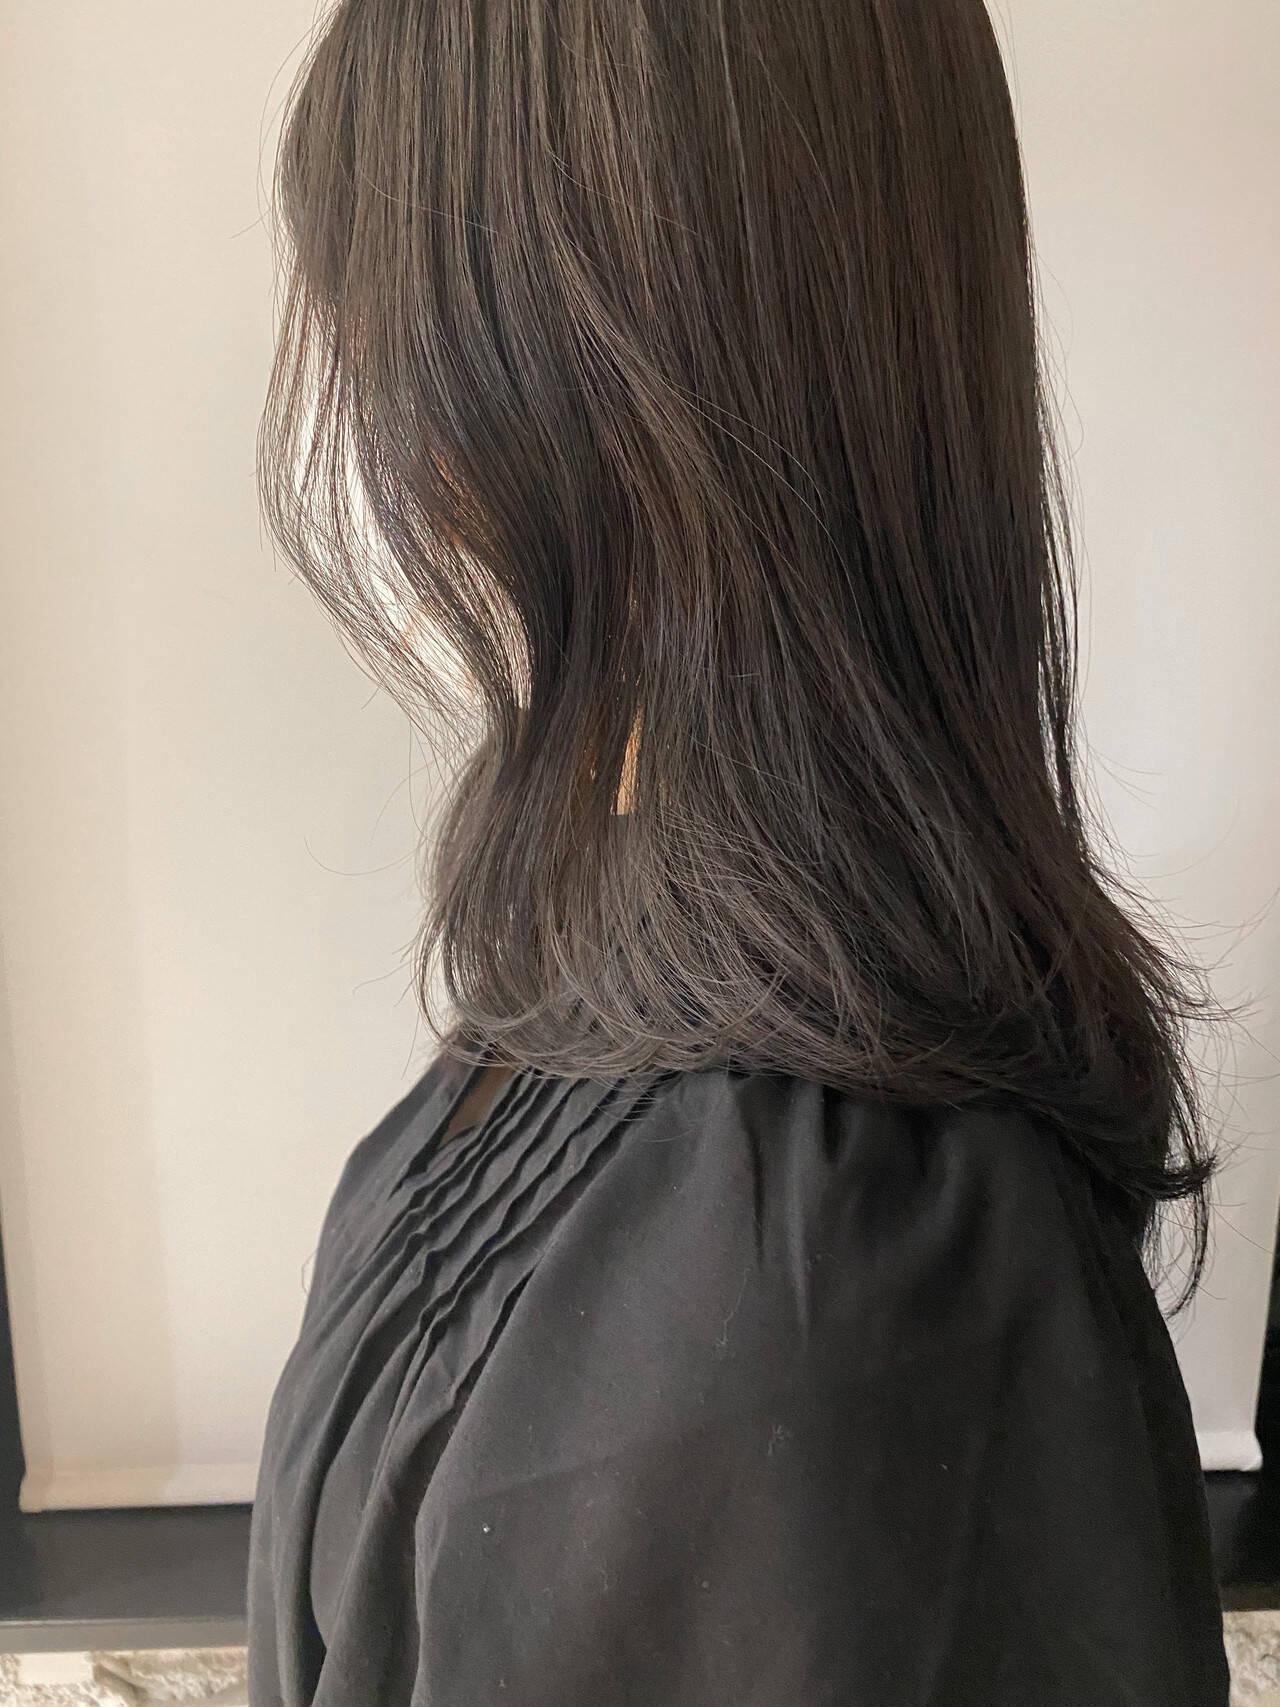 ブルージュ ミディアム 透明感カラー 暗髪ヘアスタイルや髪型の写真・画像